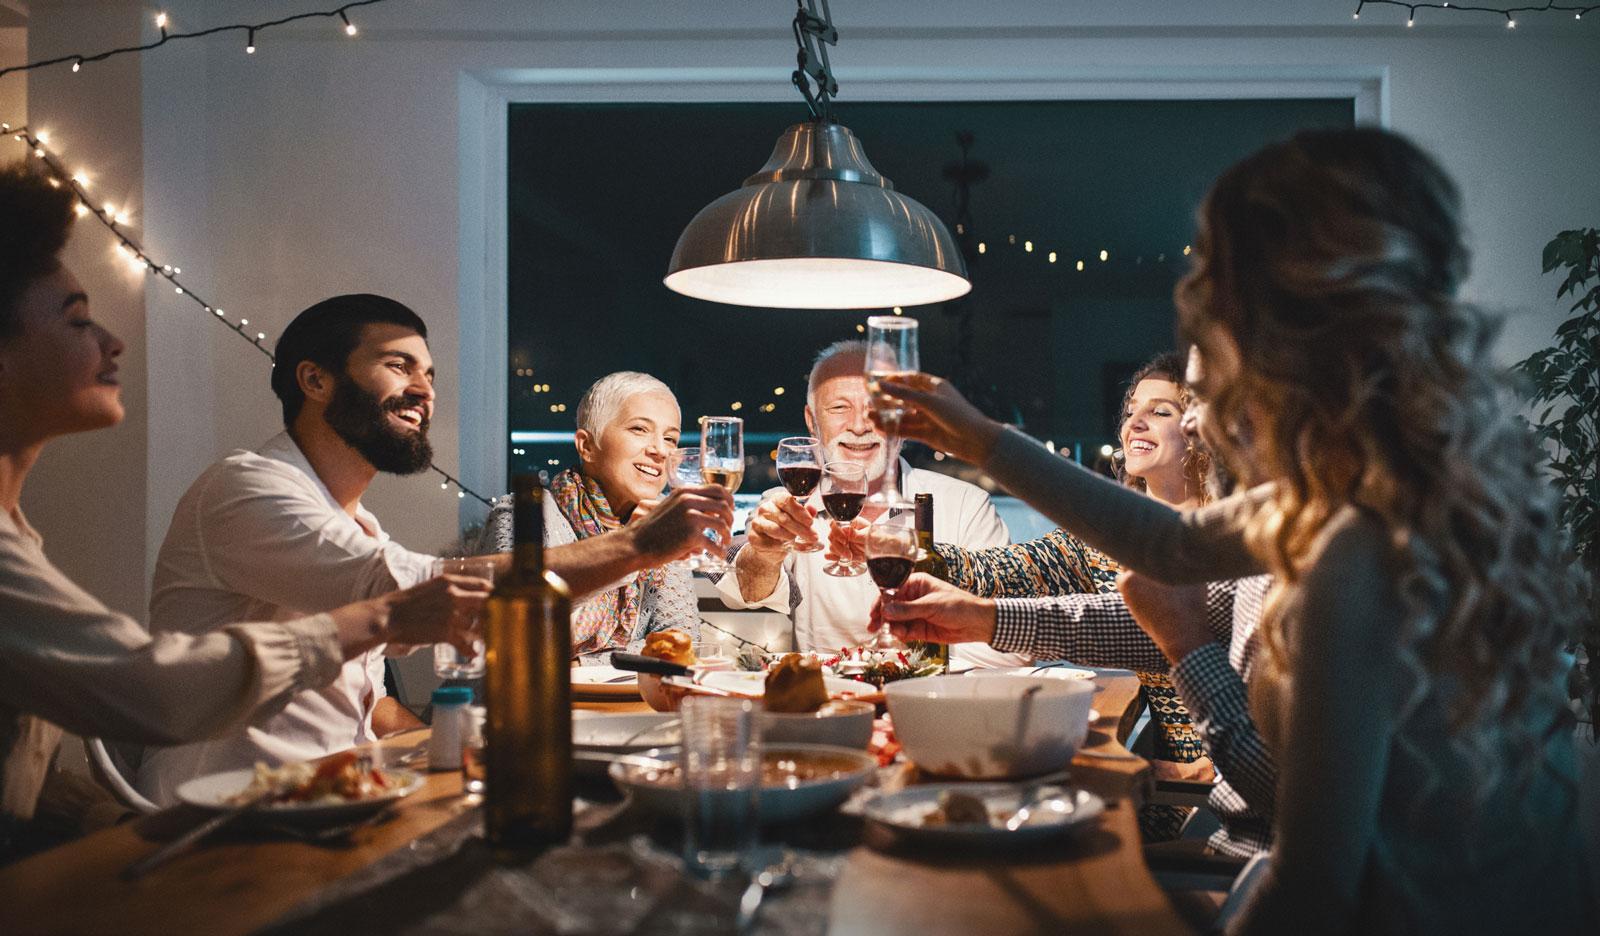 Abende mit Folgen: Nach Feiertagen zeigt die Waage häufig zusätzliche Pfunde an.